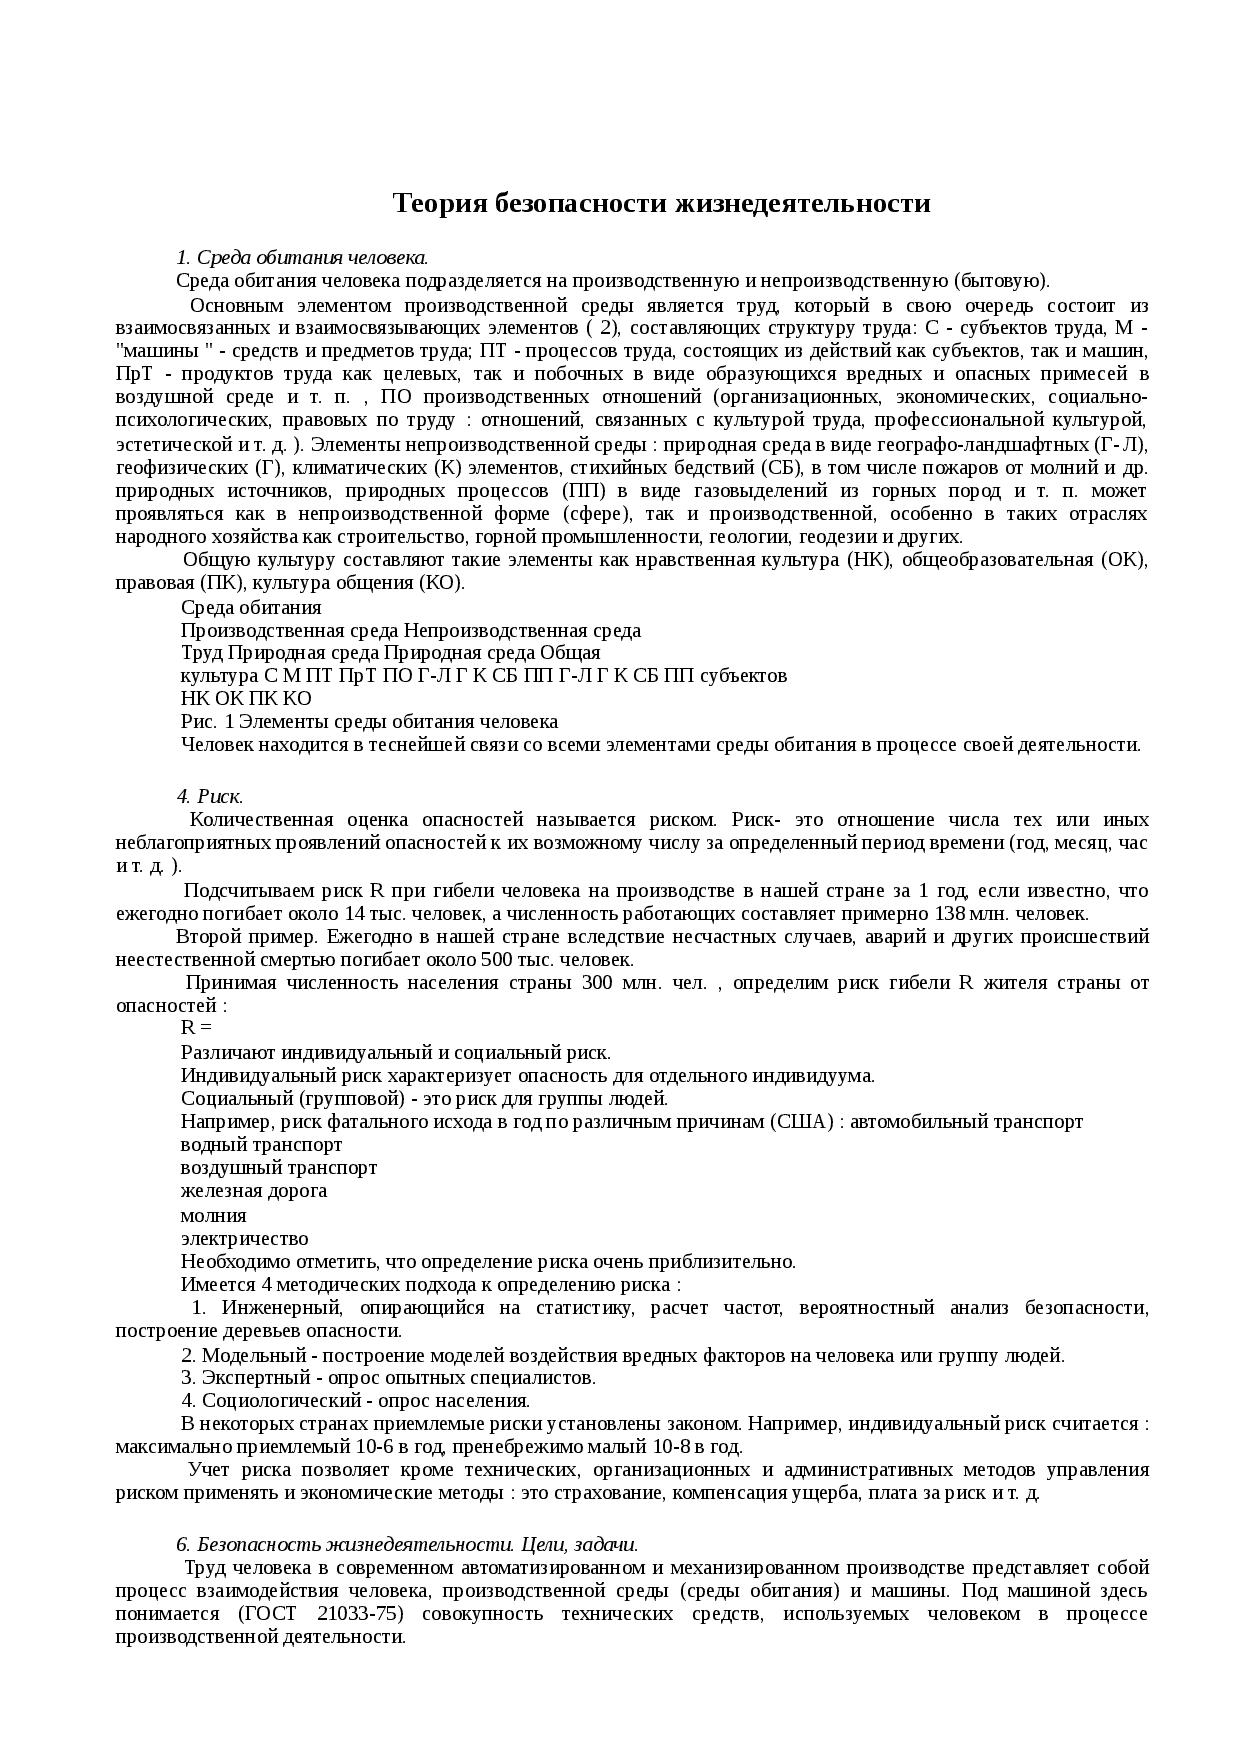 Структура техносферы и ее компонентов